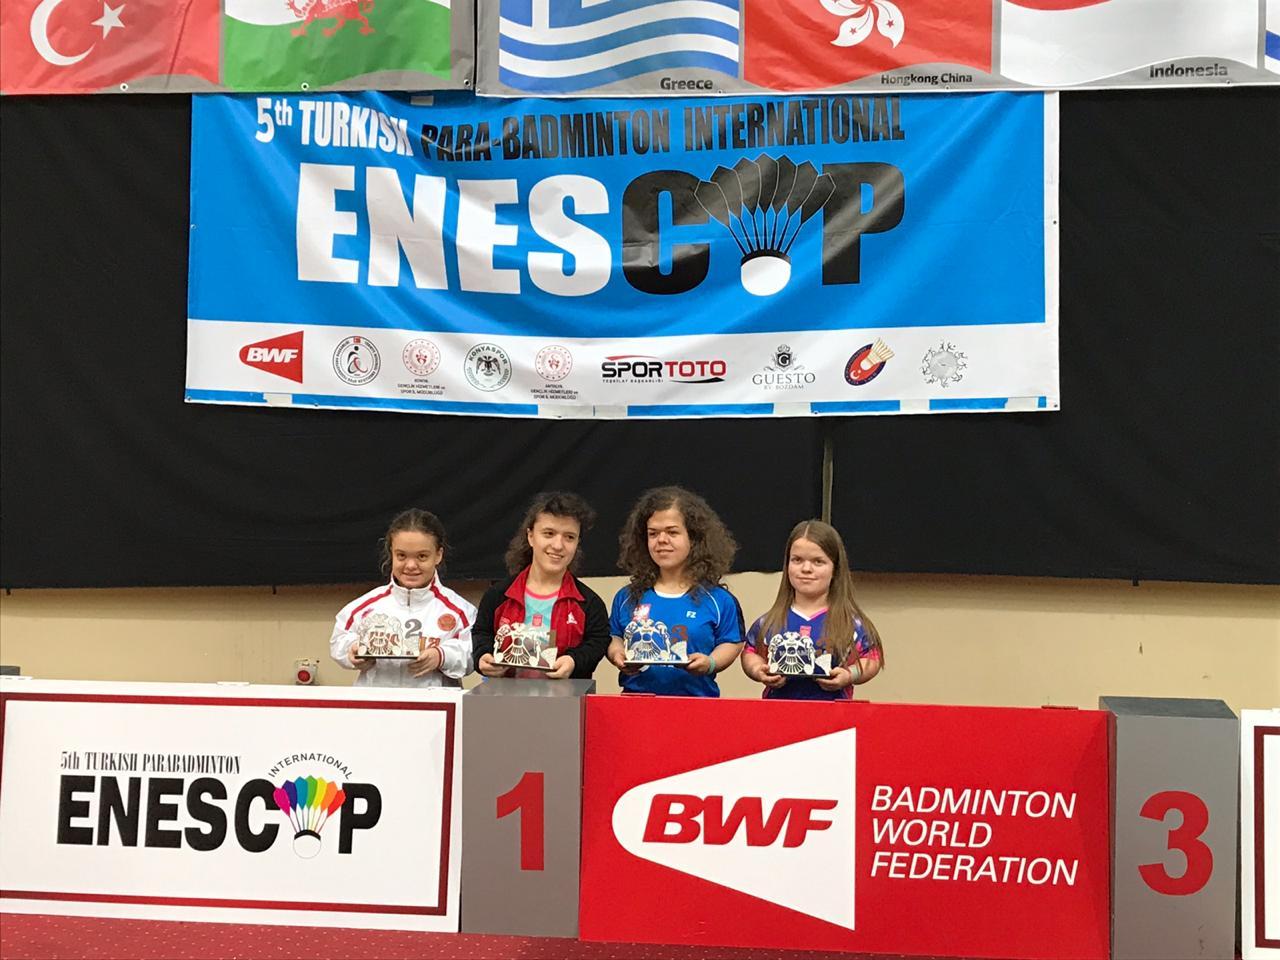 1 серебряную и 3 бронзовые медали завоевали российские парабадминтонисты на международных соревнованиях - 5th Turkish Para-Badminton International - ENESCUP 2019